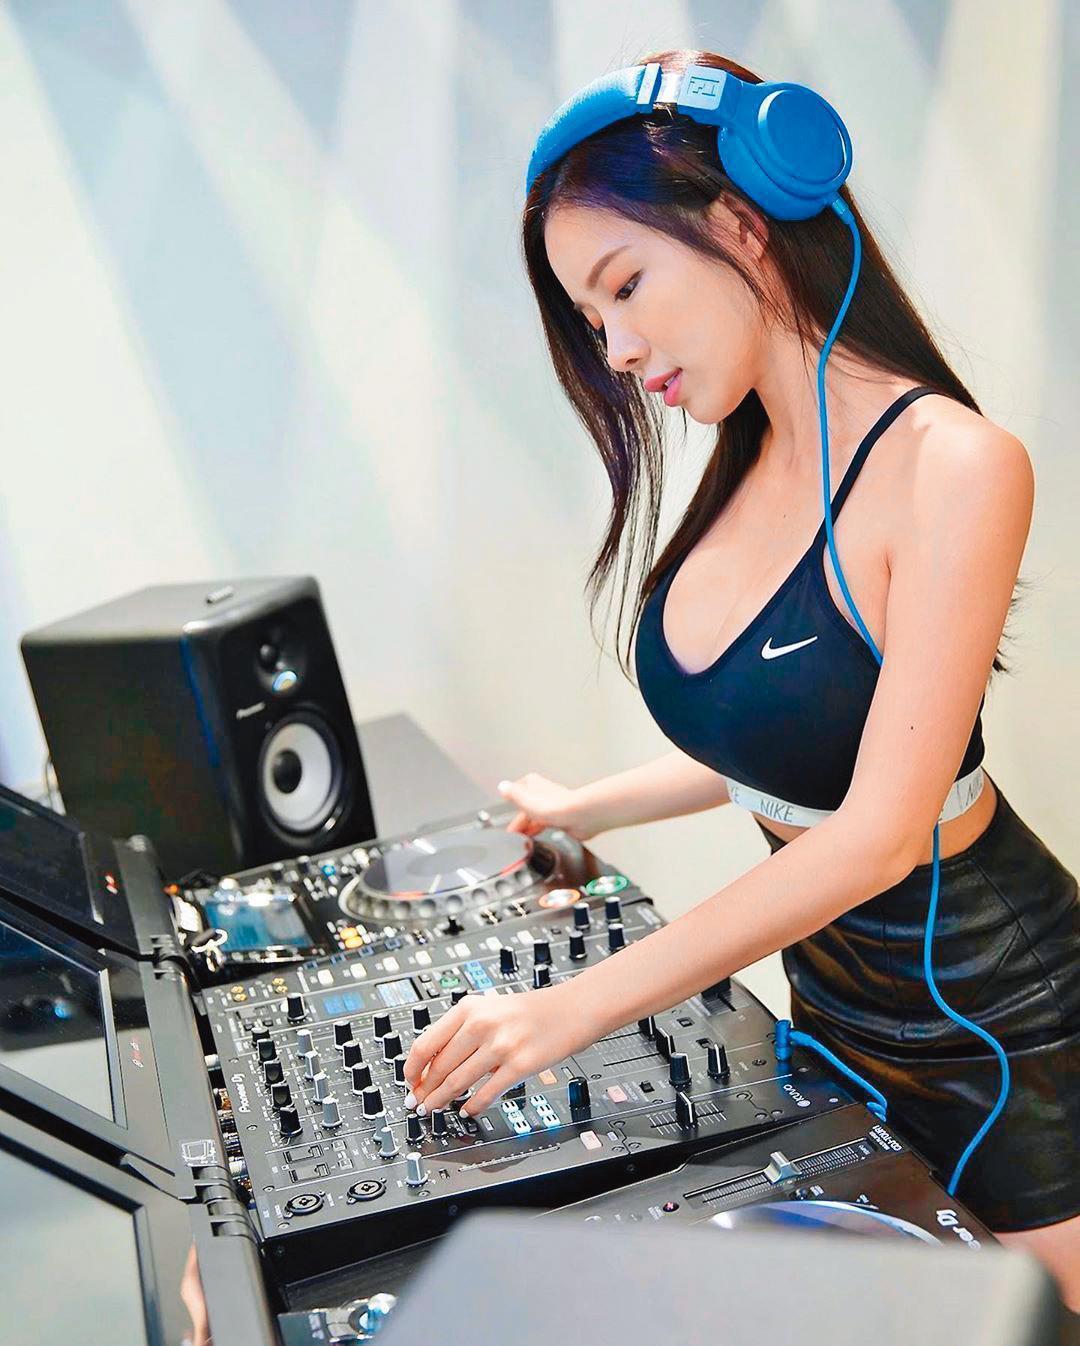 藍星蕾近來因為疫情停工,DJ工作停擺,粗估已少賺約180萬元。(翻攝自藍星蕾IG)